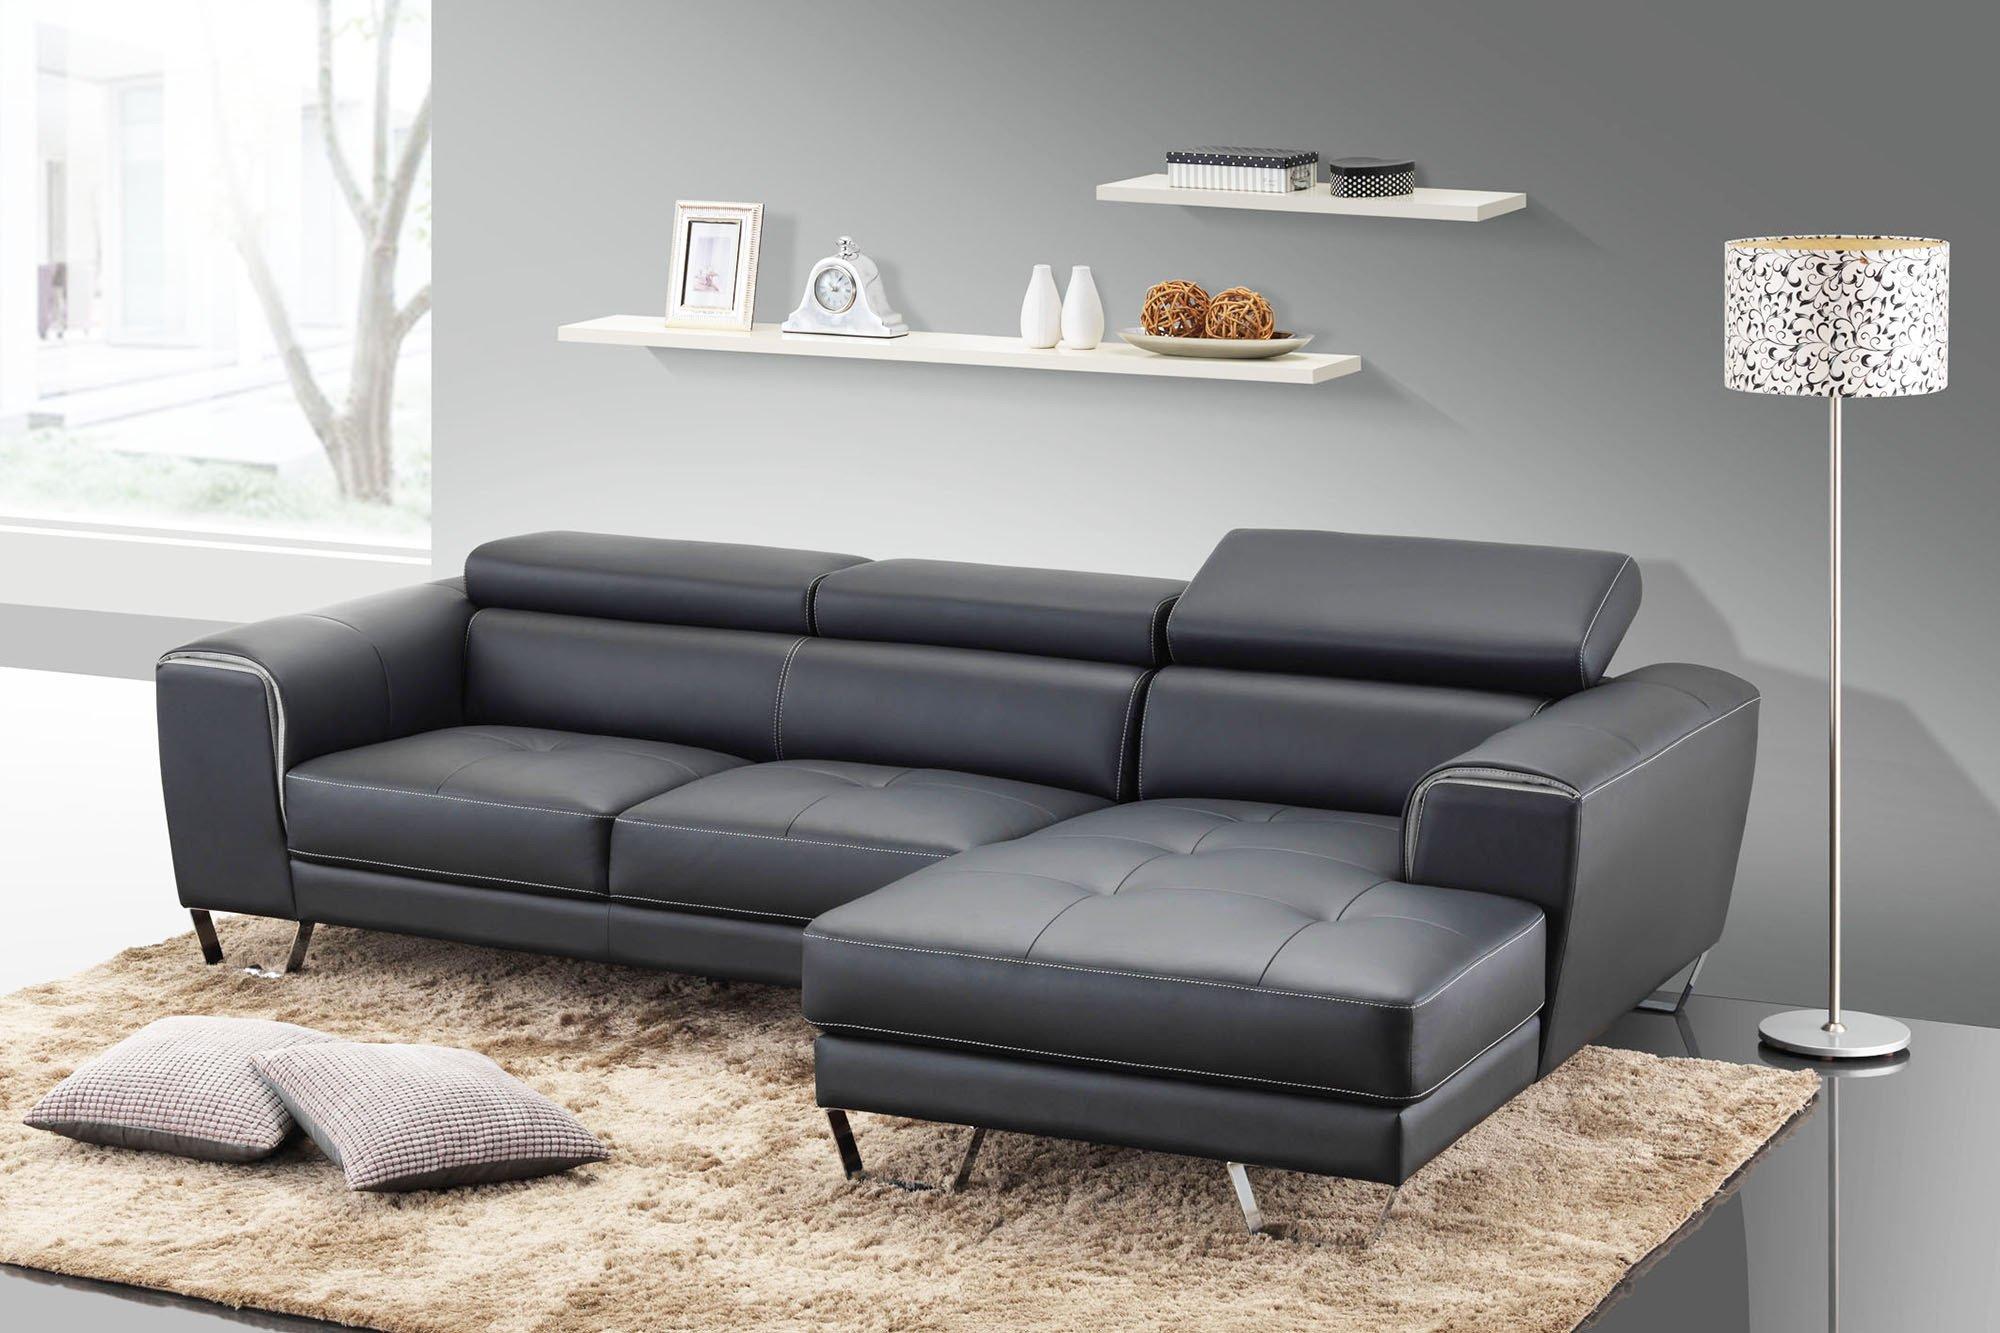 Vai trò của sofa văn phòng đối với các doanh nghiệp